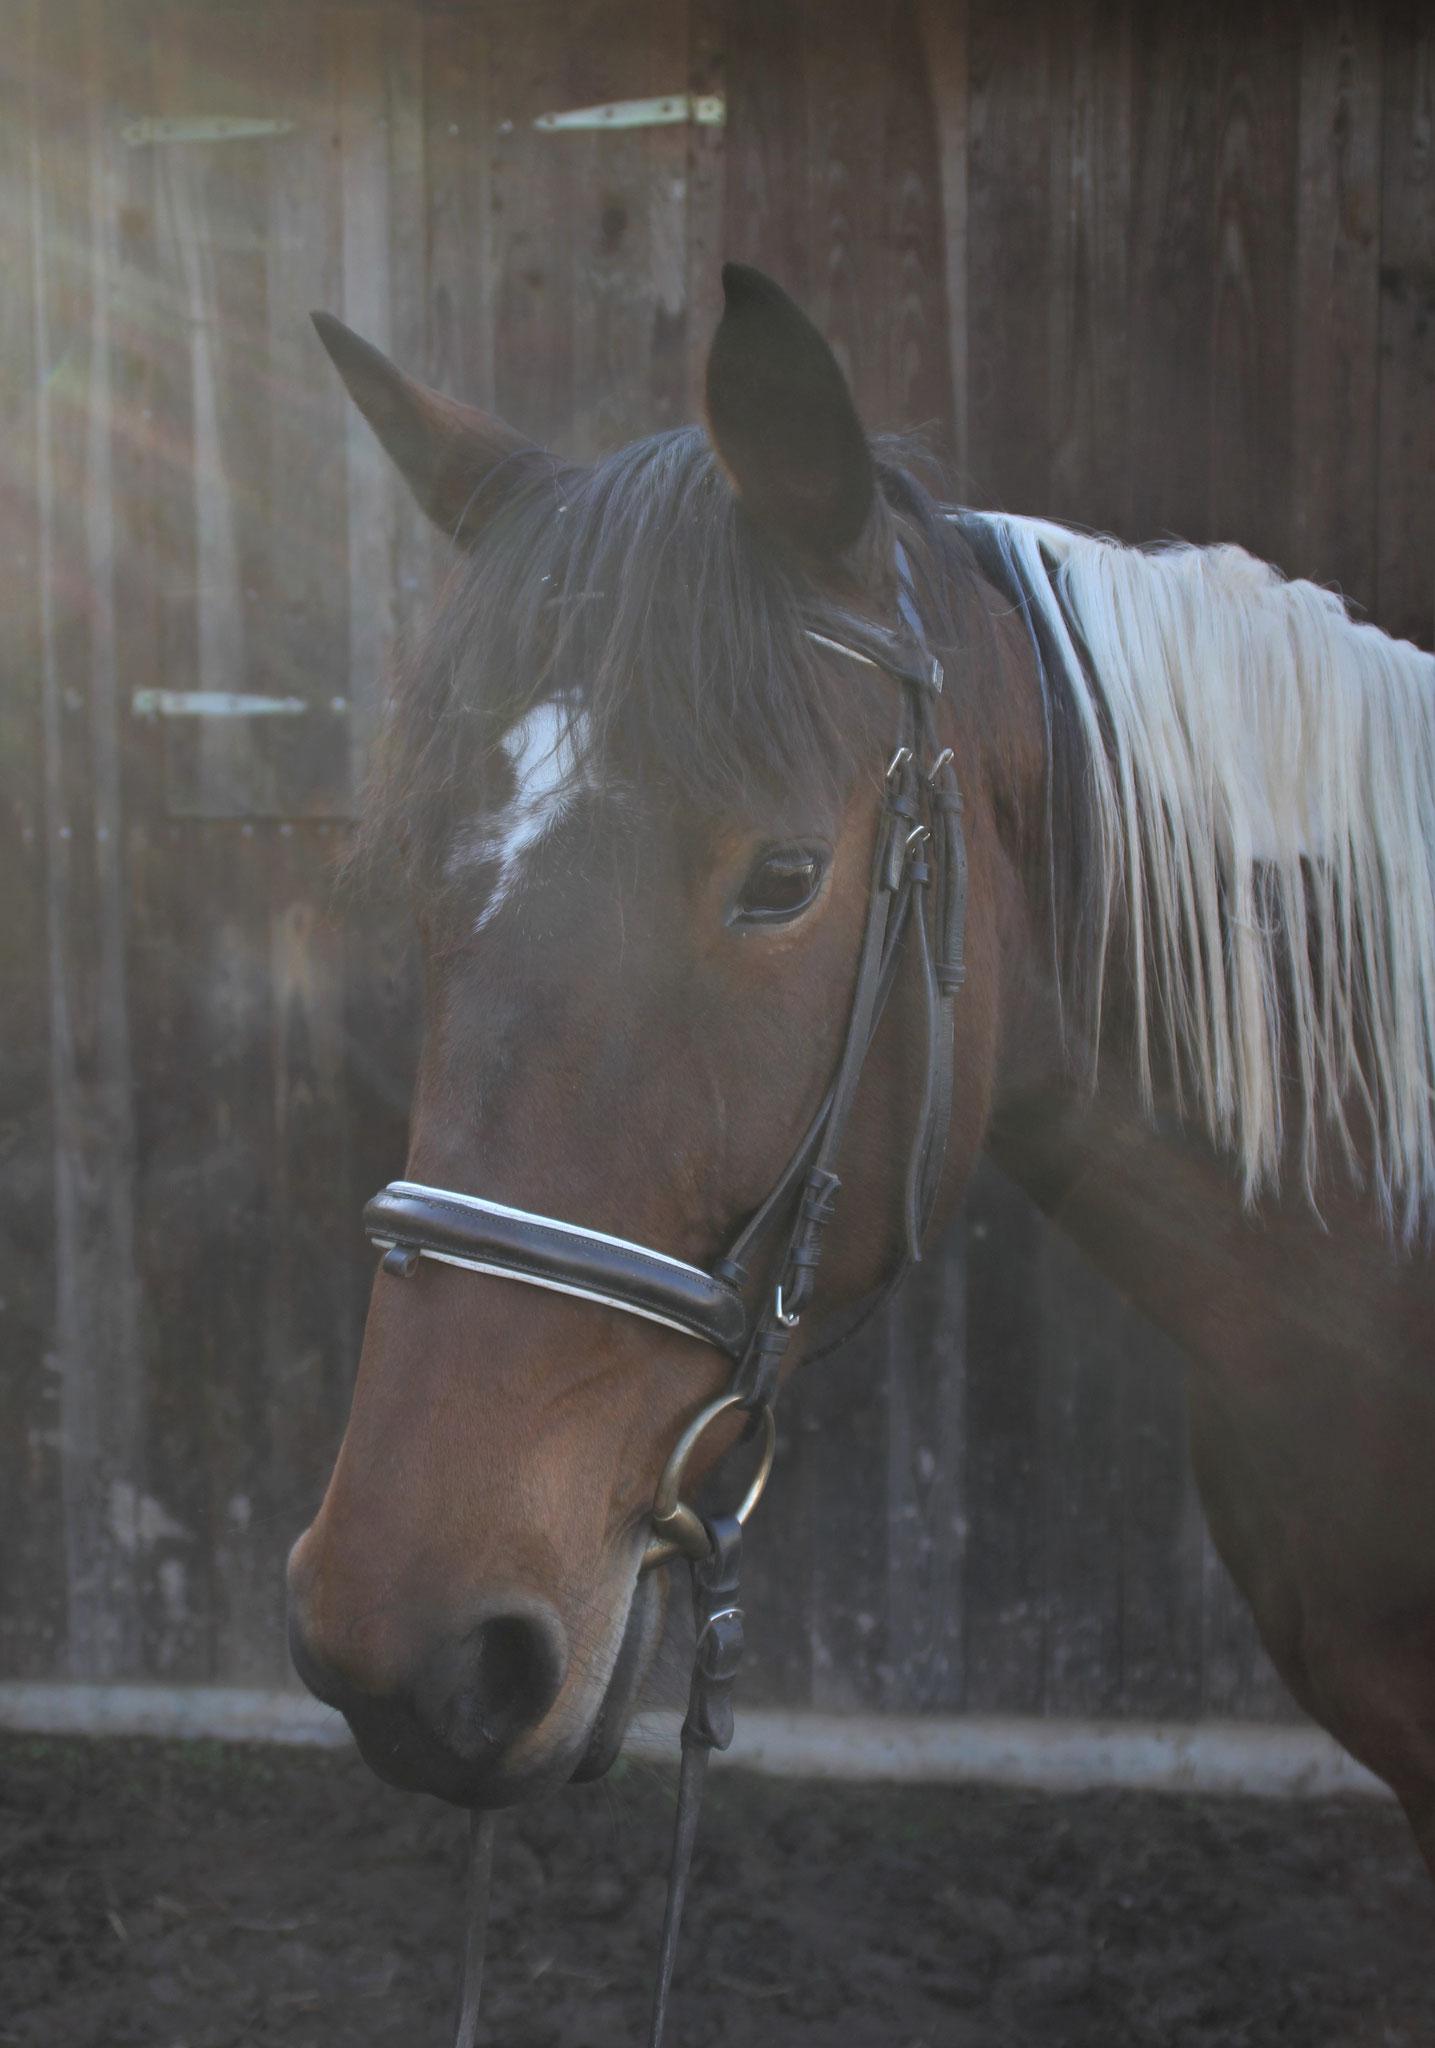 Stella, geb. 2006, 154 cm. Ein sehr liebes, dankbares Geländepferd, das für jede Streicheleinheit zu haben ist.